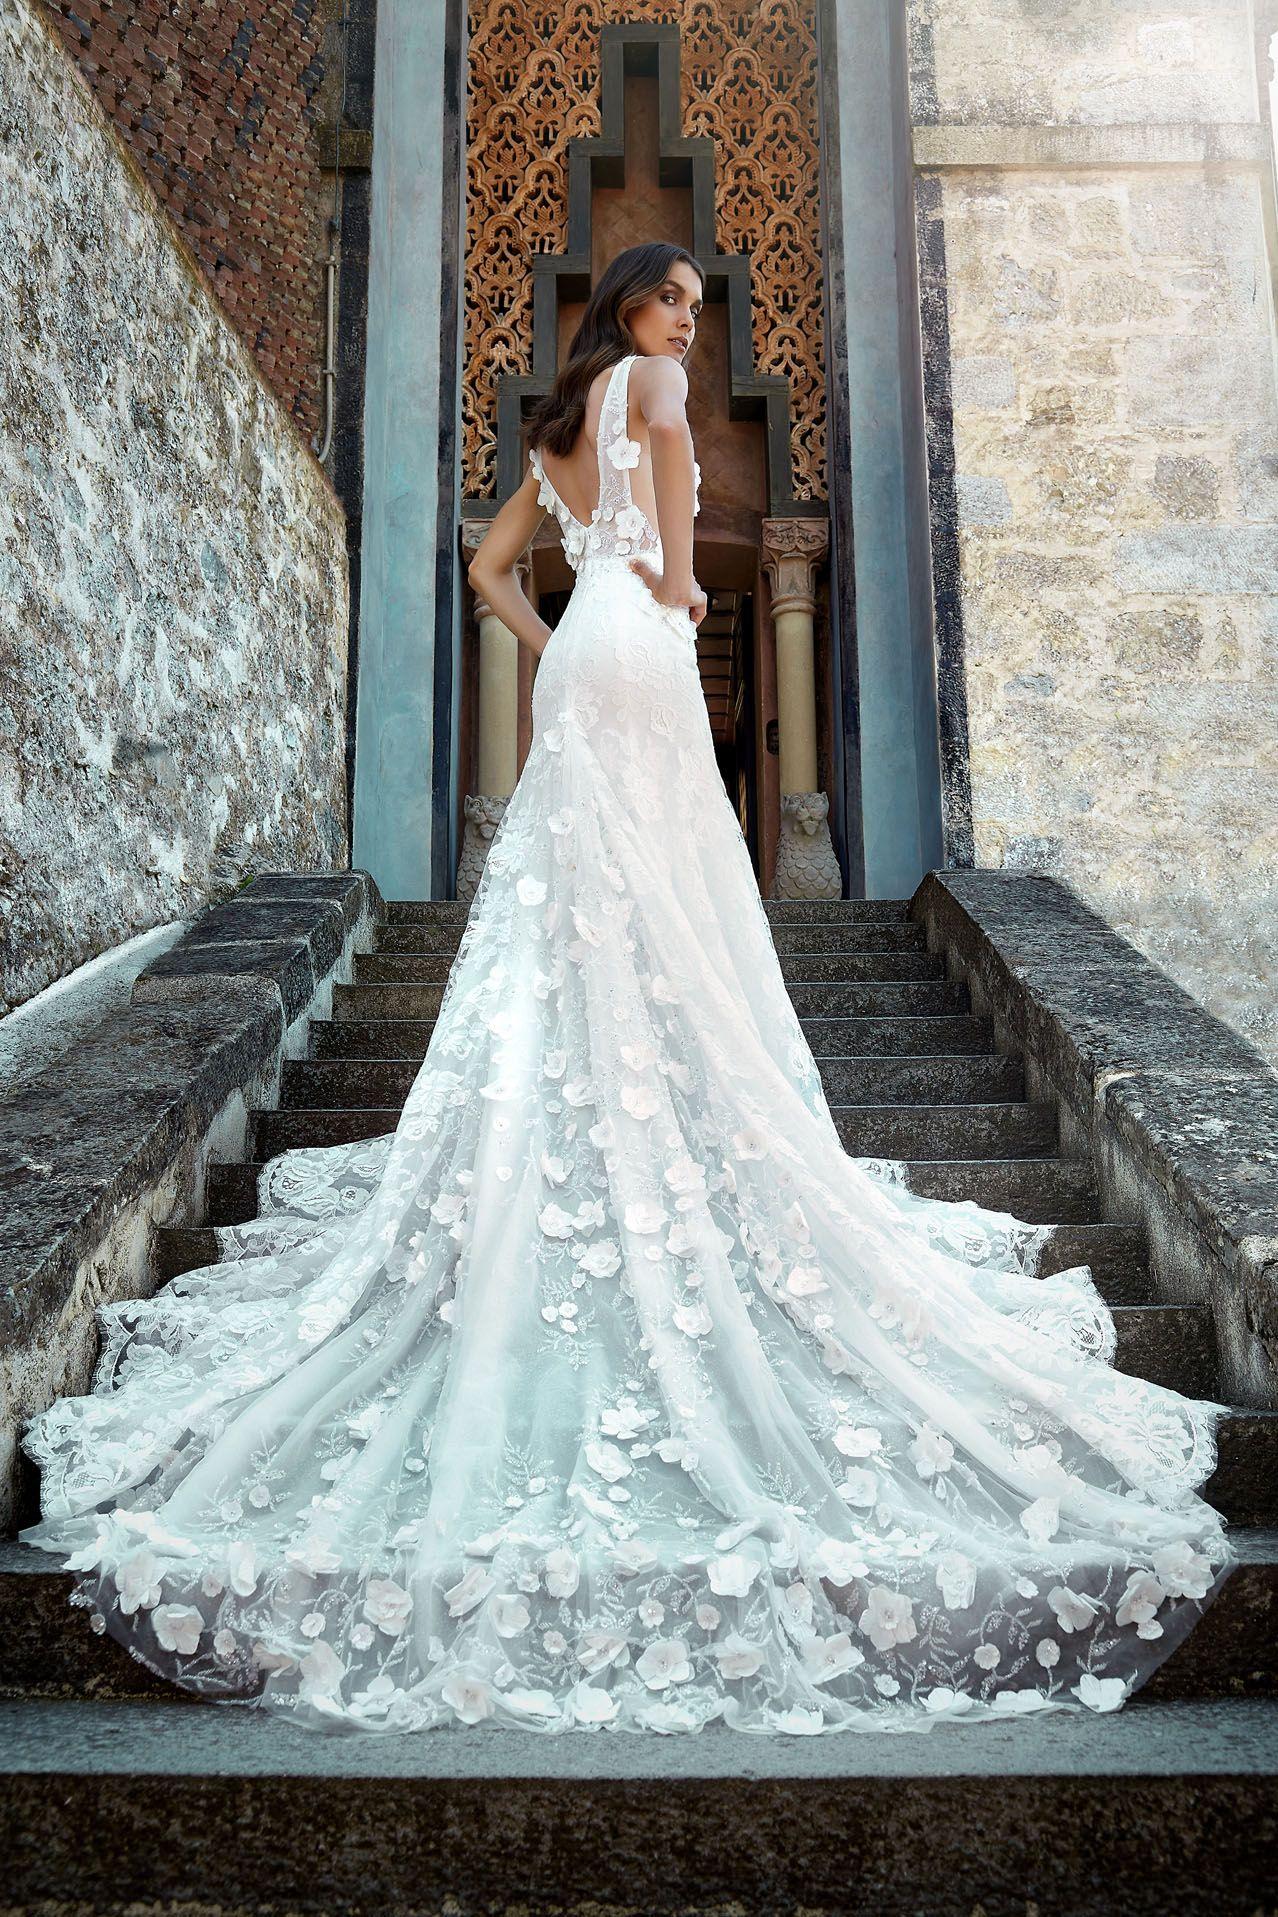 Vestiti Da Sposa Con Pizzo.Modello Lv 0118 Preziosissimo Abito Da Sposa Haute Couture Con